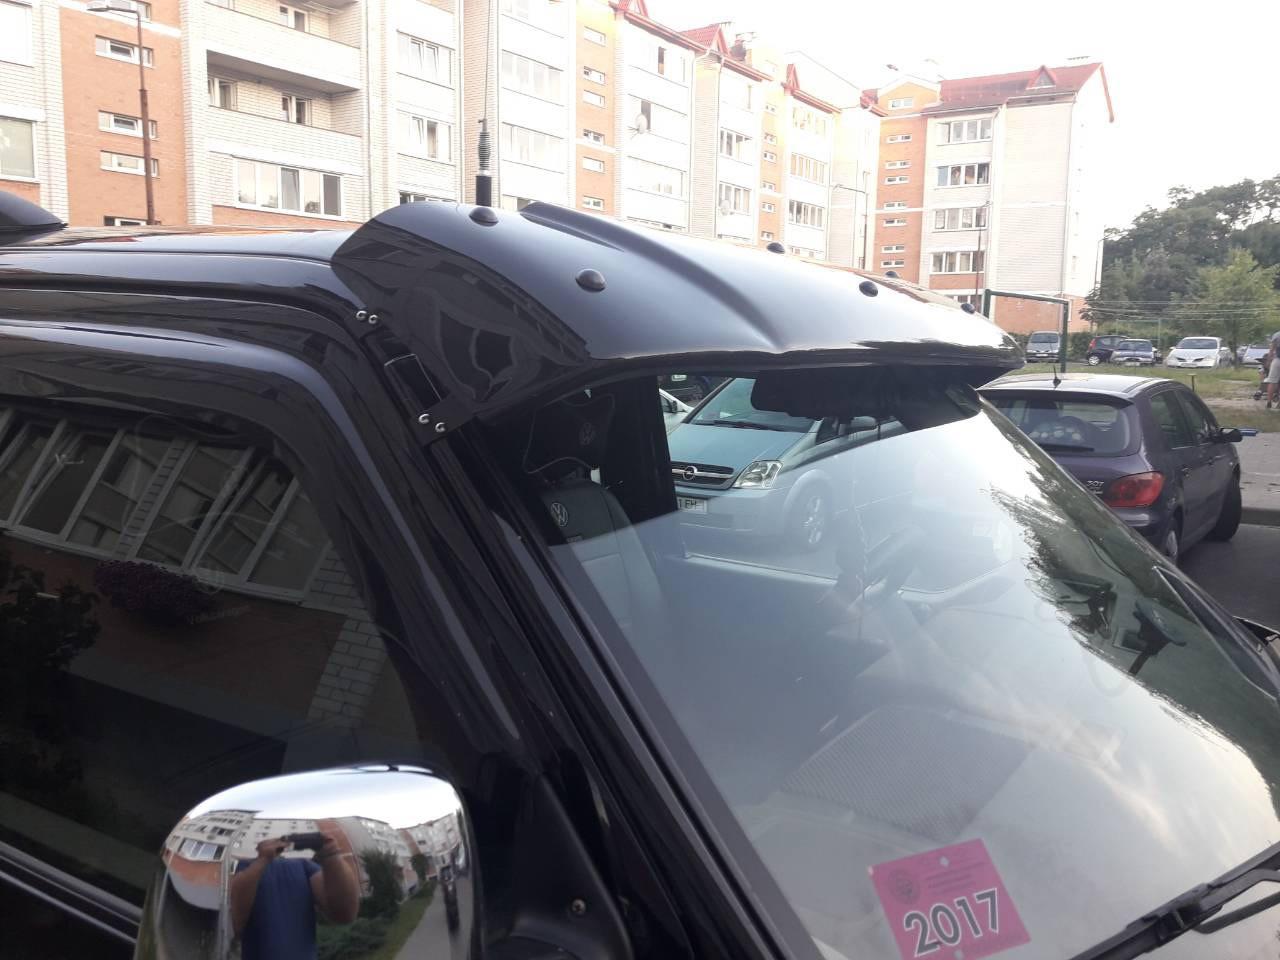 Дашок прозорий (чорний на кронштейнах) - Volkswagen T4 Caravelle/Multivan